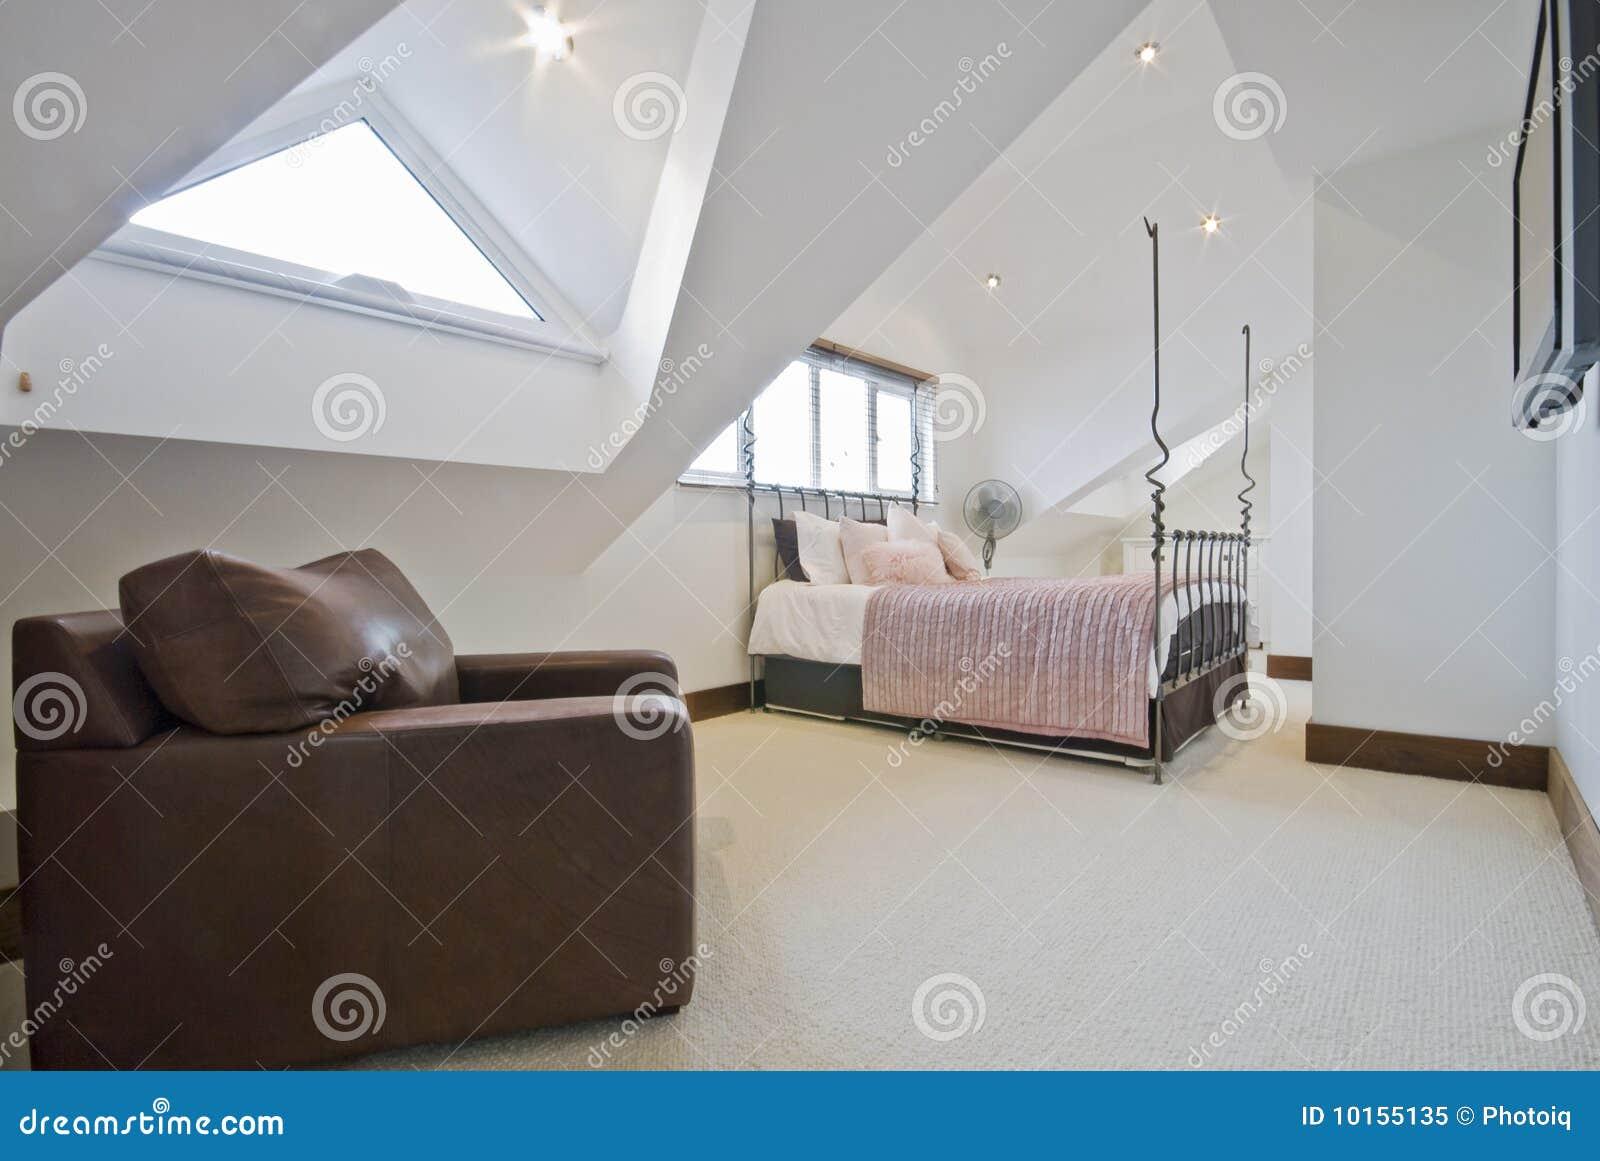 Camera da letto del granaio fotografia stock libera da - Camera da letto del papa ...